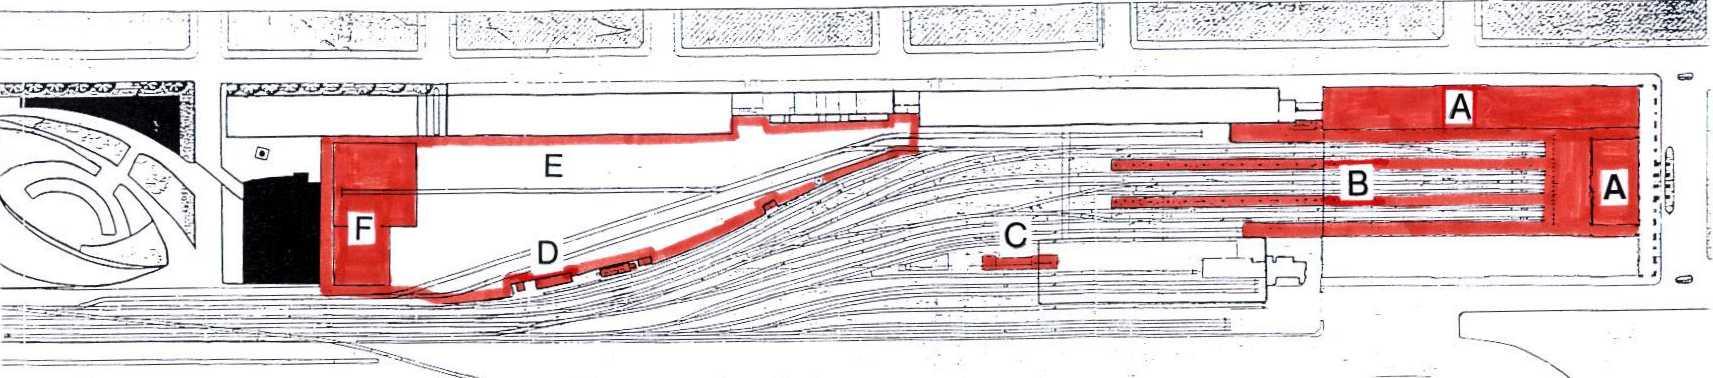 Espacios ferrocarril